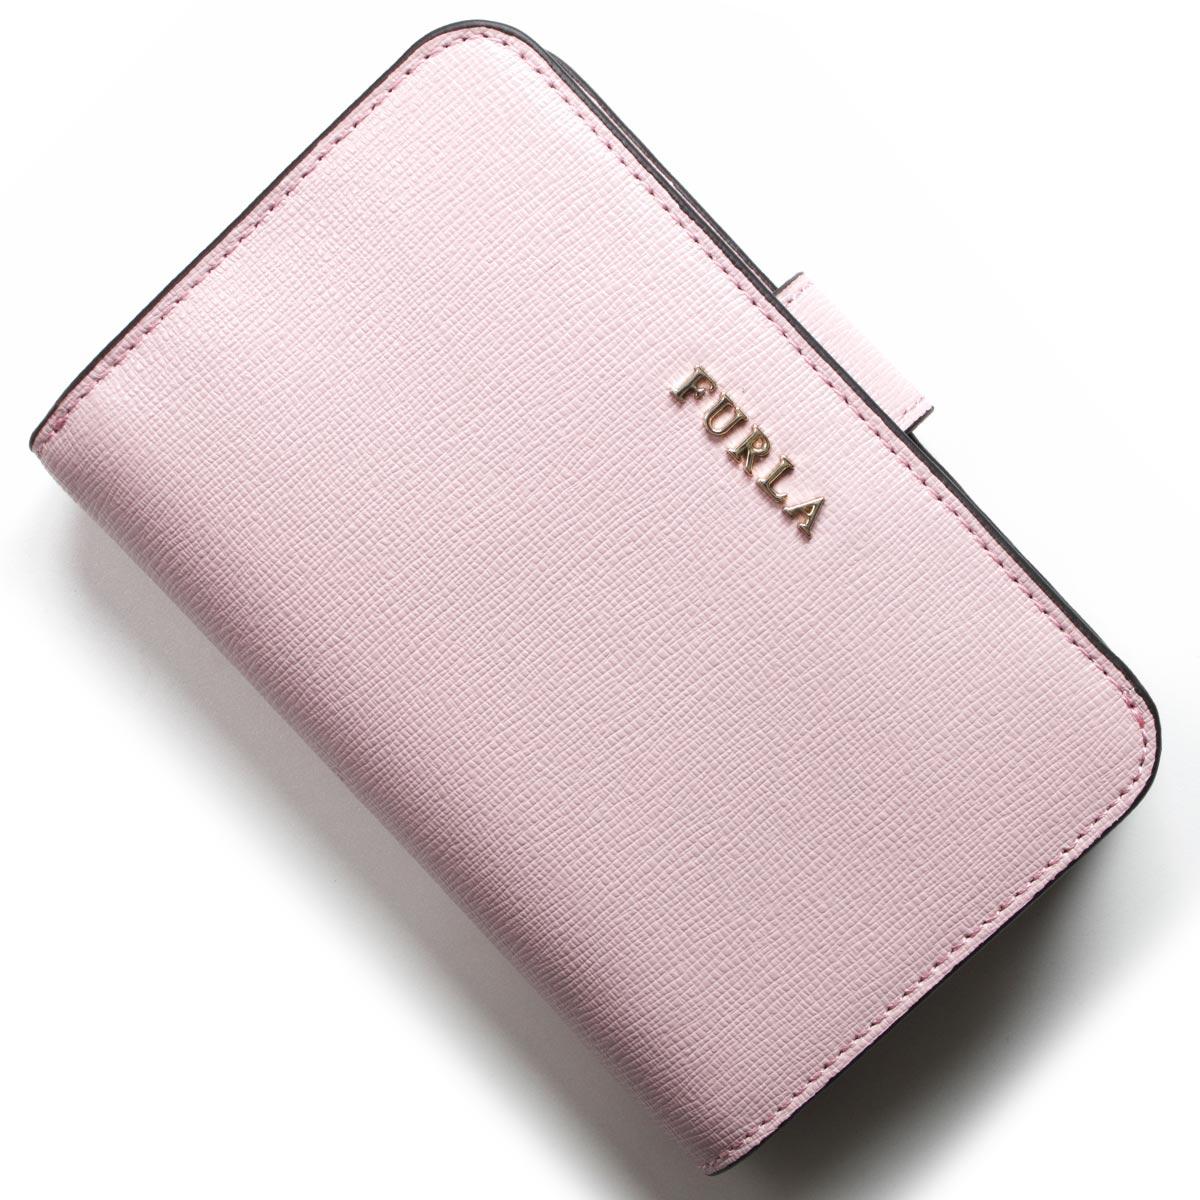 フルラ 二つ折り財布 財布 レディース バビロン カメリアピンク PR85 B30 LC4 962981 FURLA